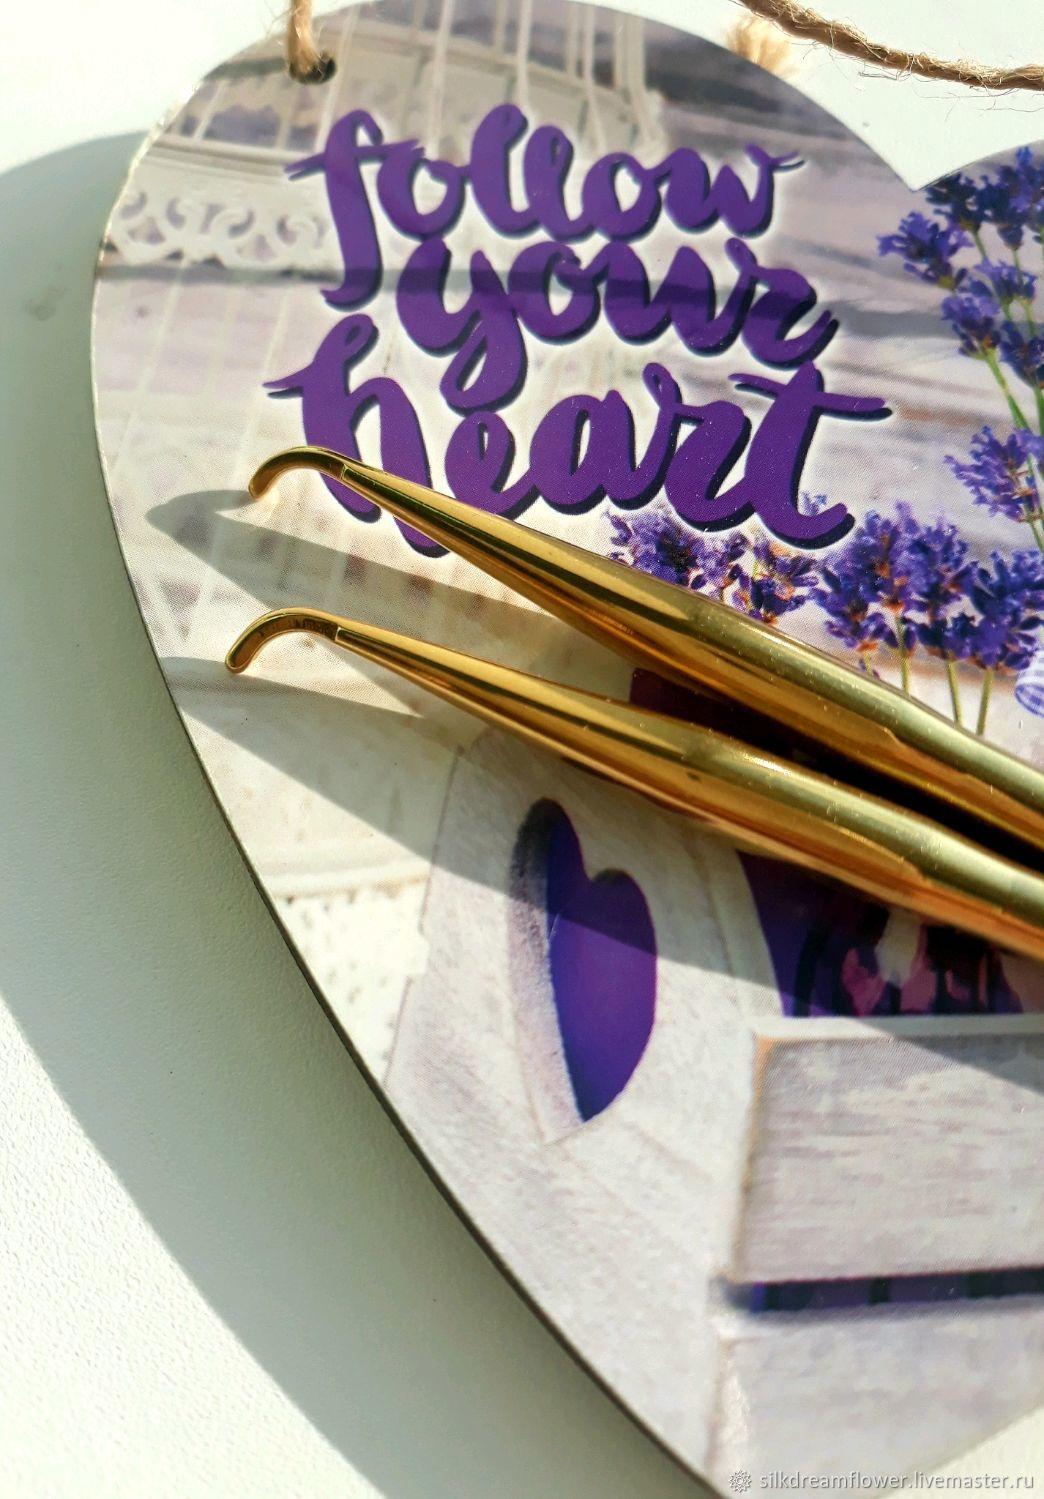 Набор двух японских ультратонких ножа и лапки для цветоделия, скрапа, Инструменты для флористики, Ижевск,  Фото №1